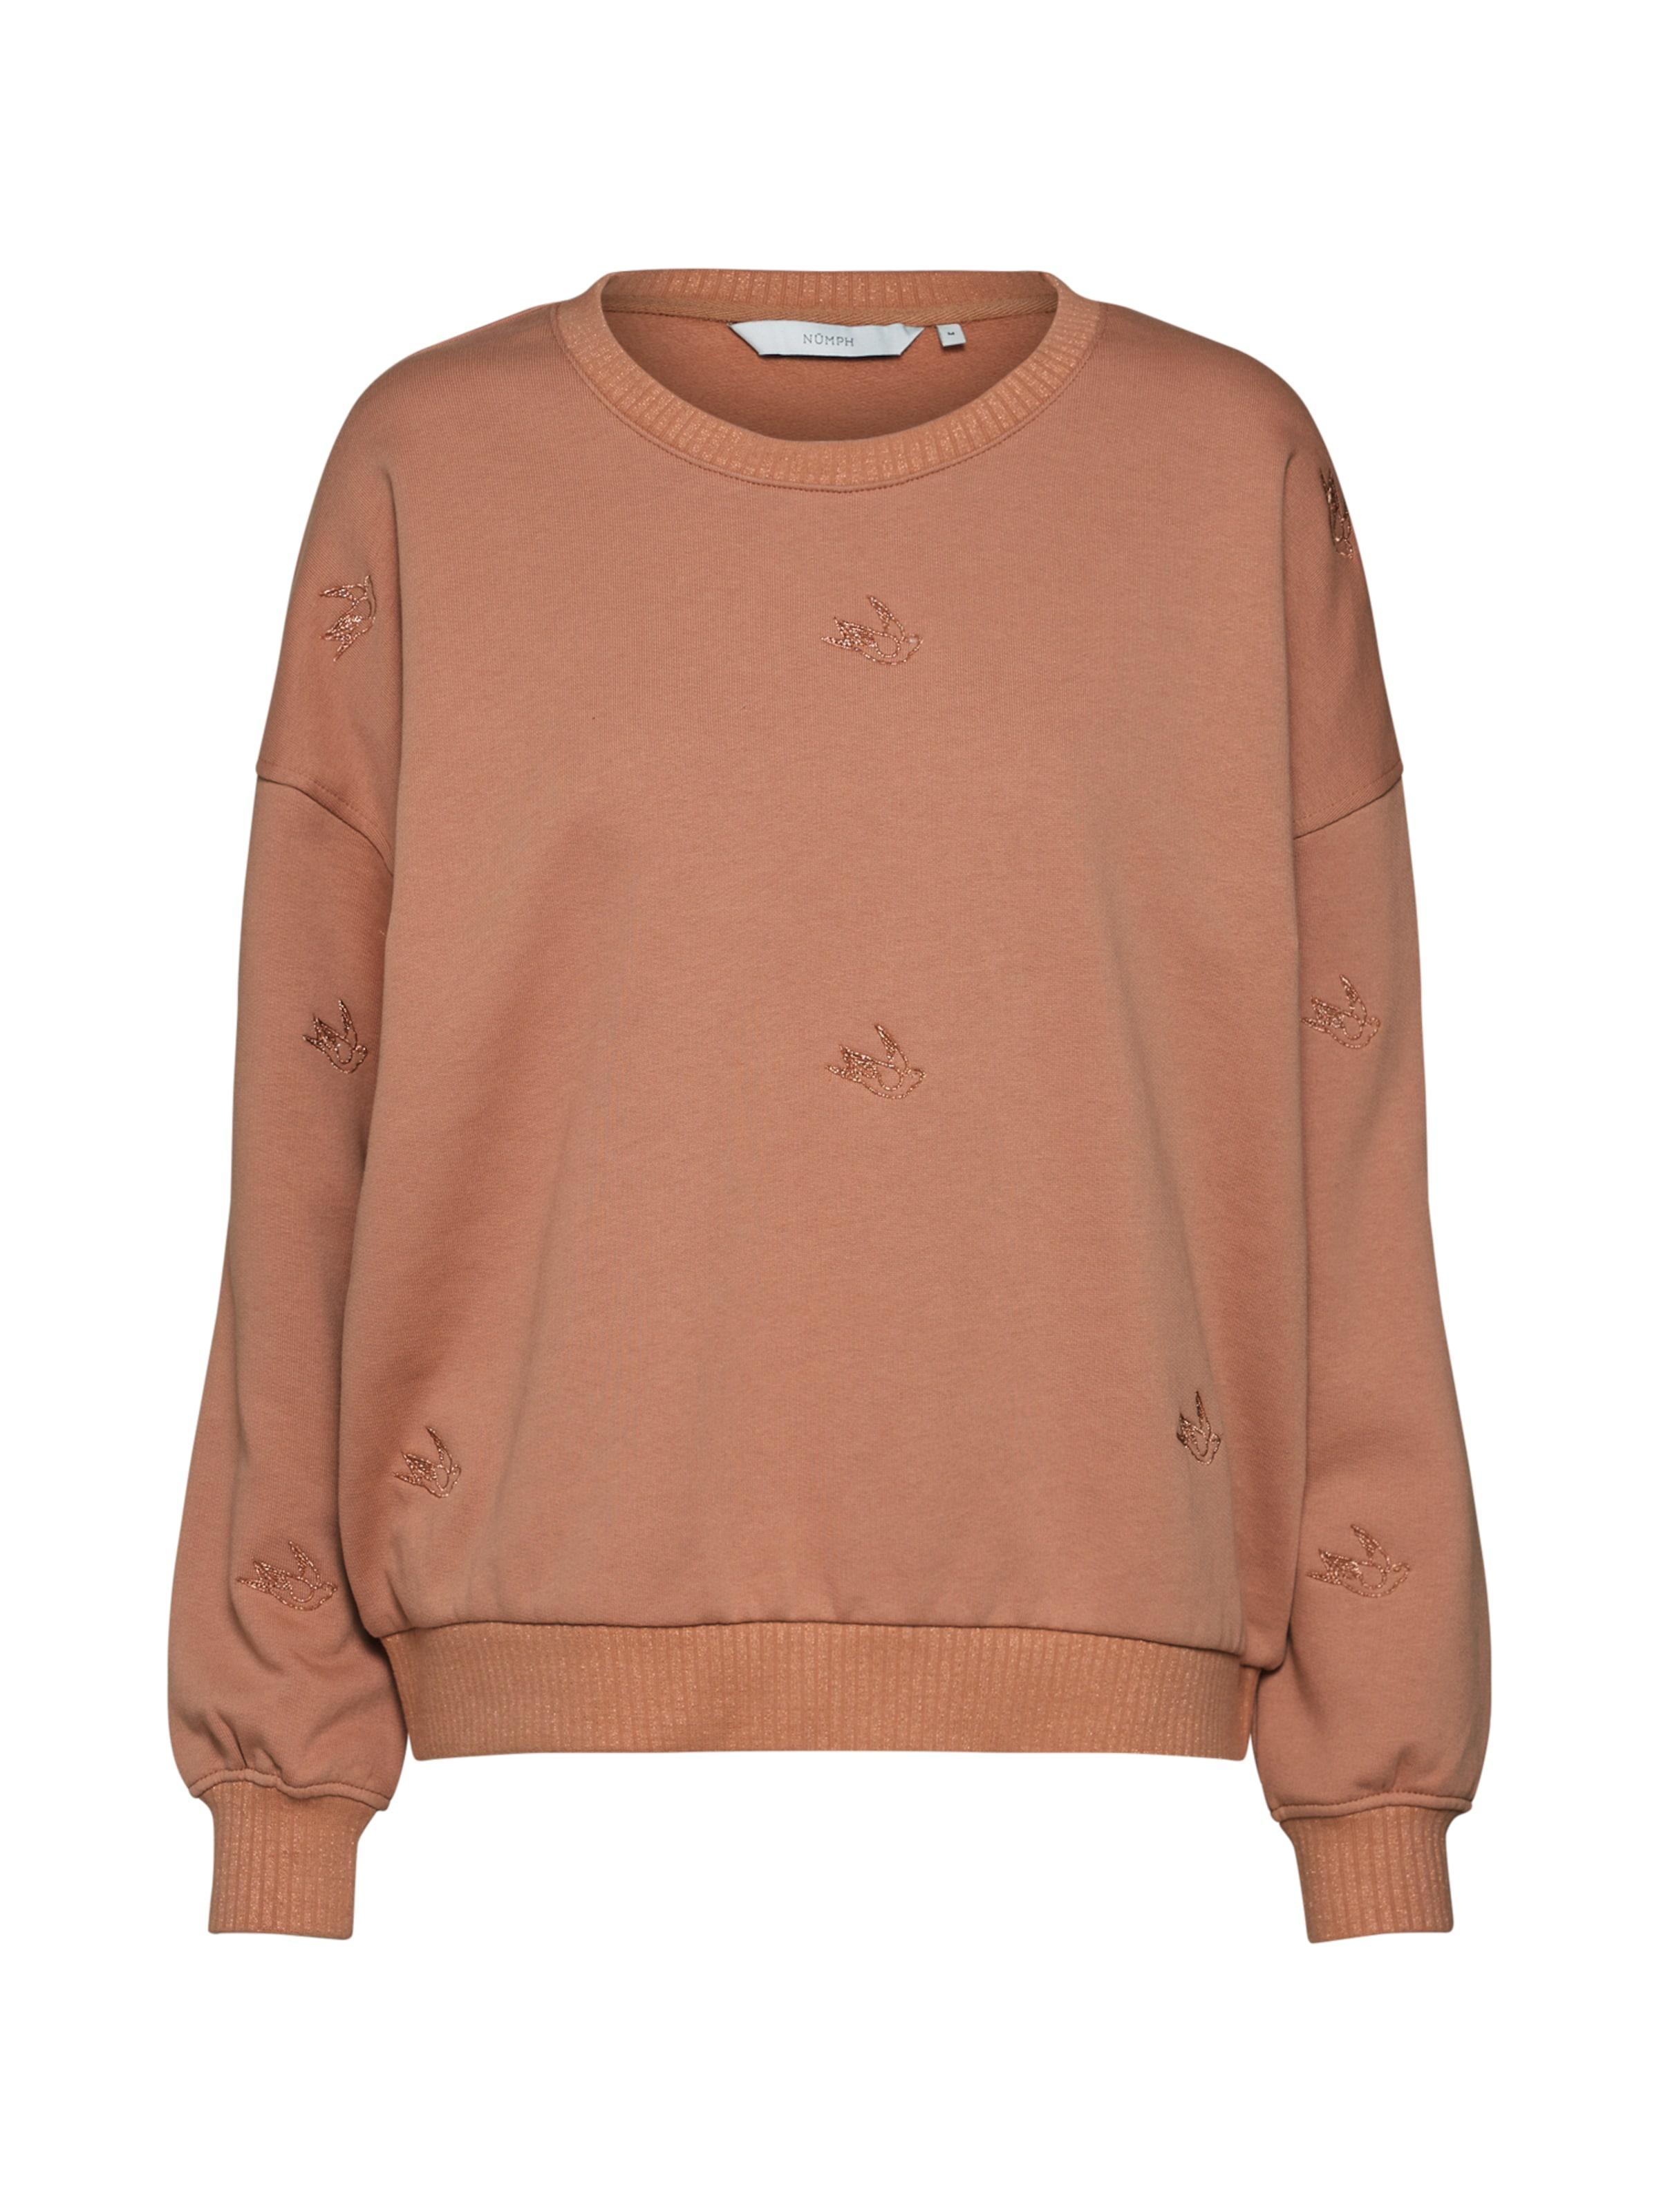 Sweatshirt In Chamois In 'kaimana' Sweatshirt Nümph Nümph 'kaimana' TcF1lKJ